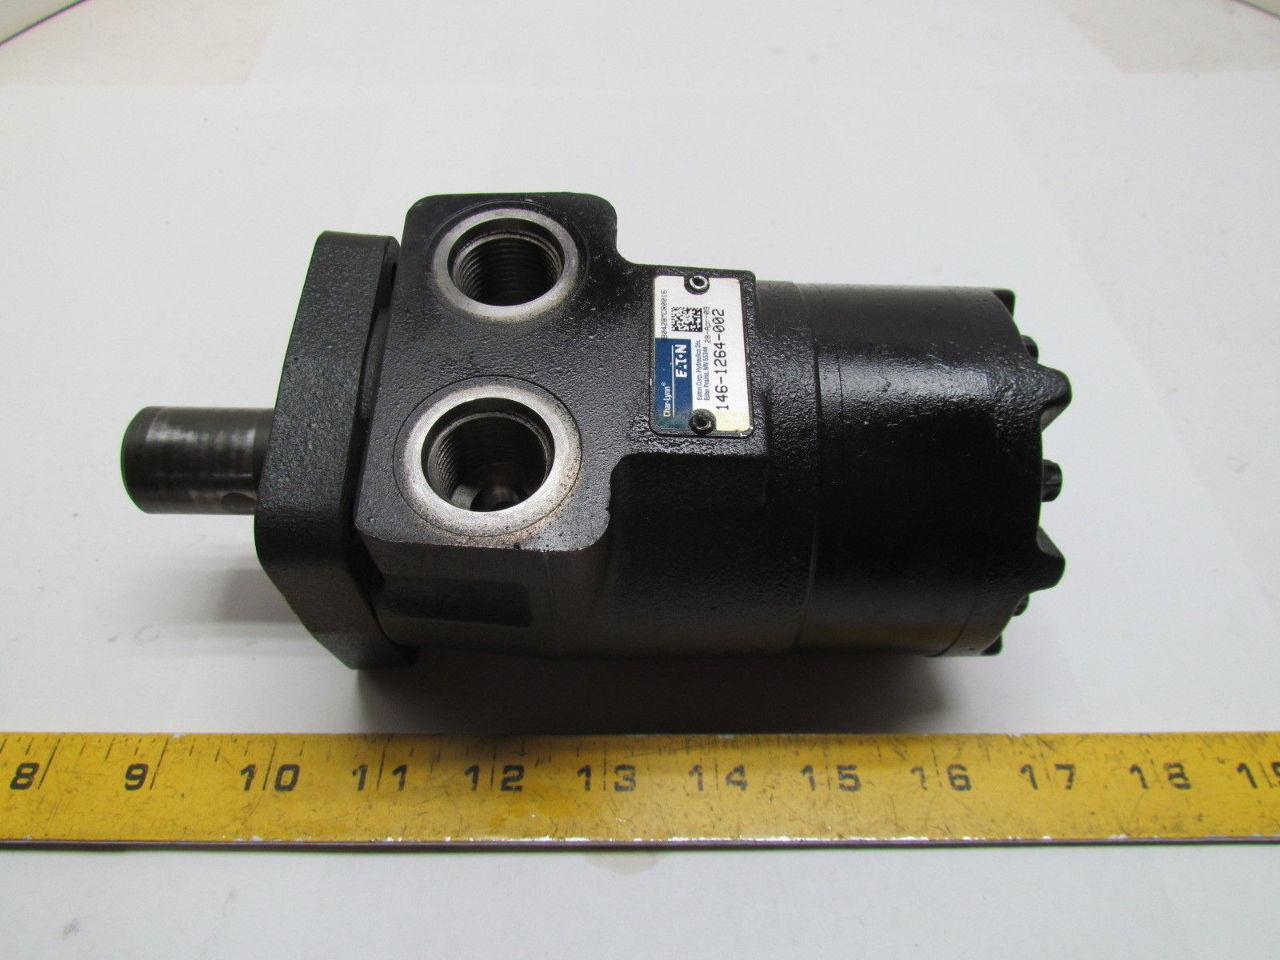 eaton char lynn 146 1264 002 hydraulic motor auctions